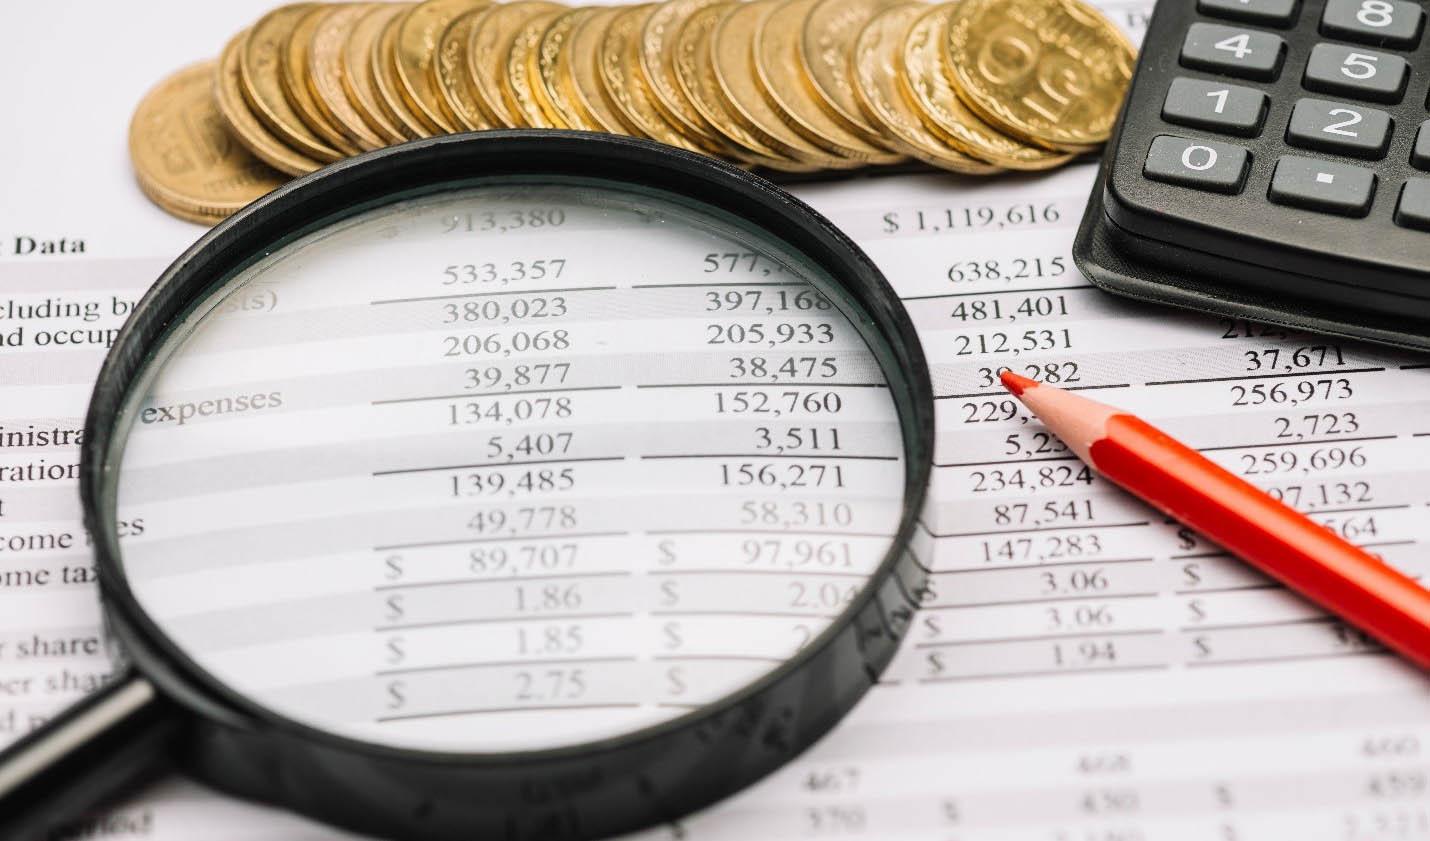 بخشنامه جدید برای دریافت مالیات از تراکنشهای بانکی